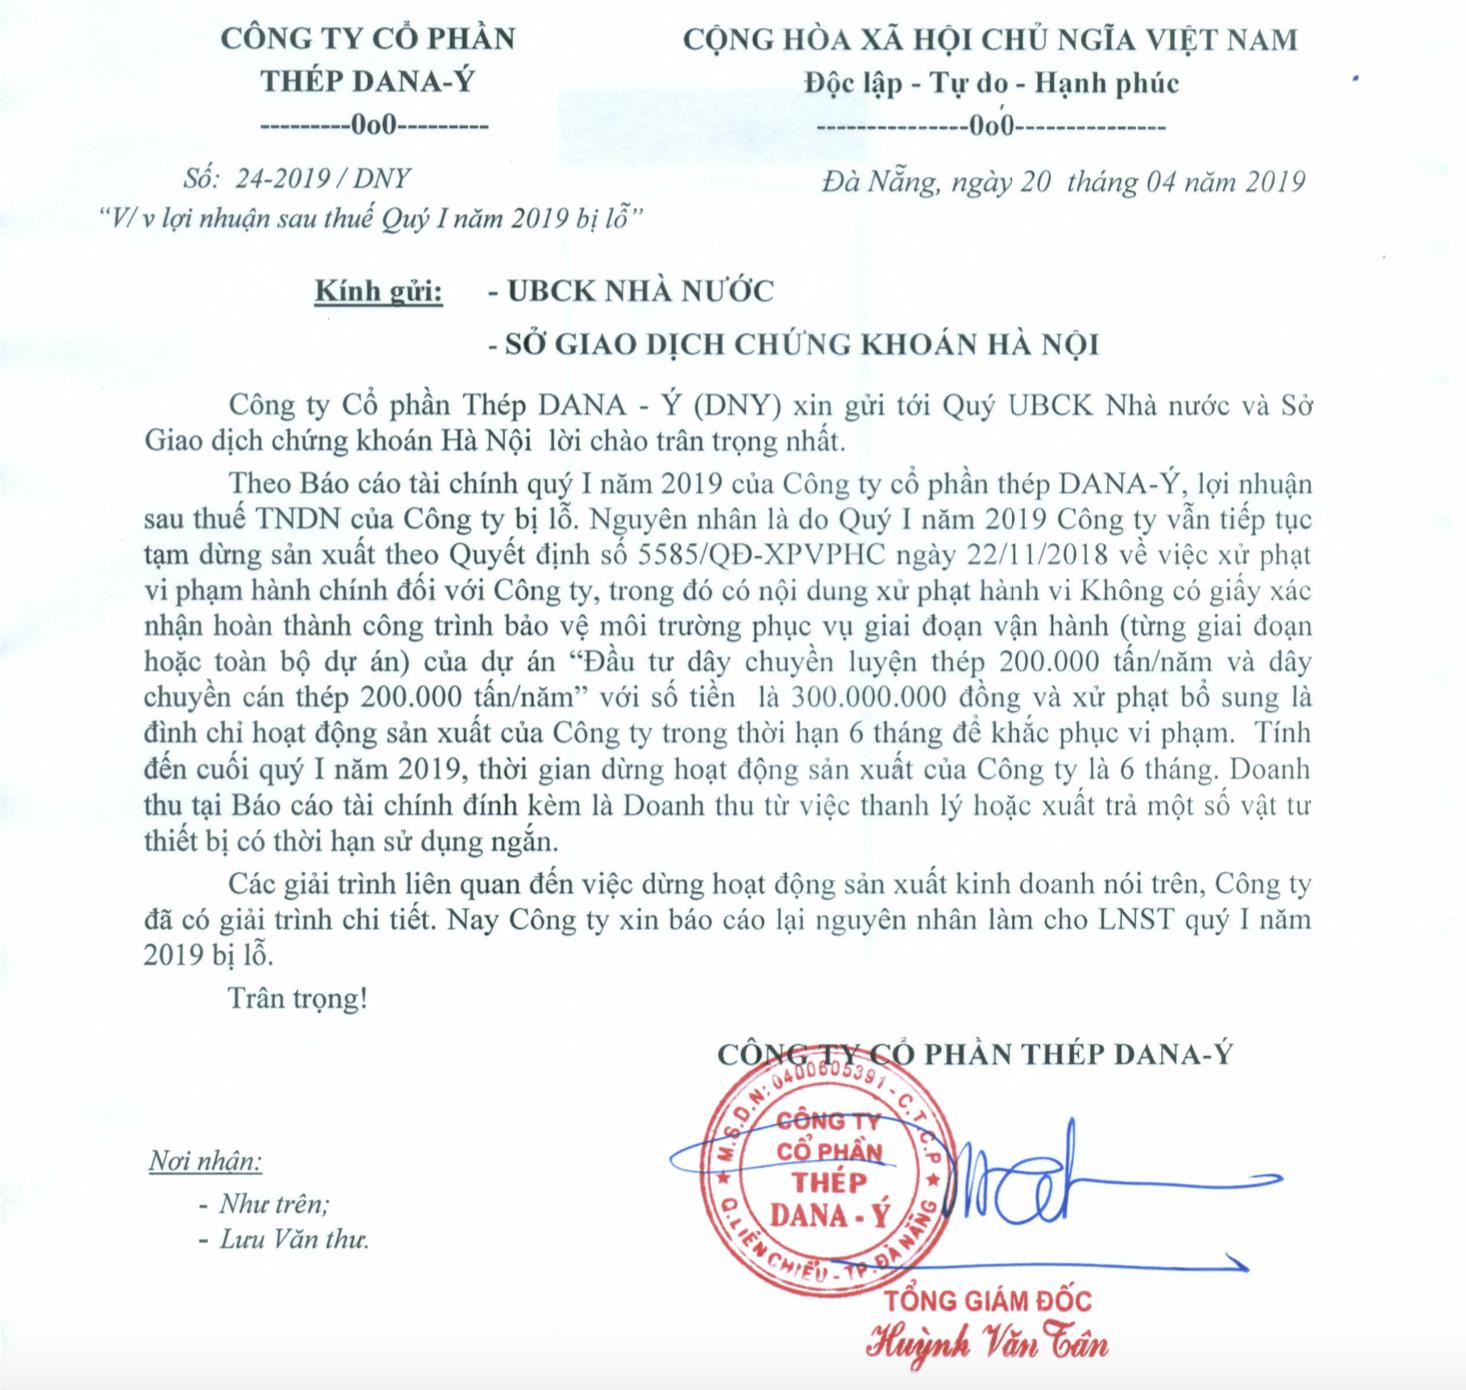 Công ty Thép Dana Ý kiện Chủ tịch TP UBND TP Đà Nẵng, đòi đền bù 400 tỉ đồng - Ảnh 3.